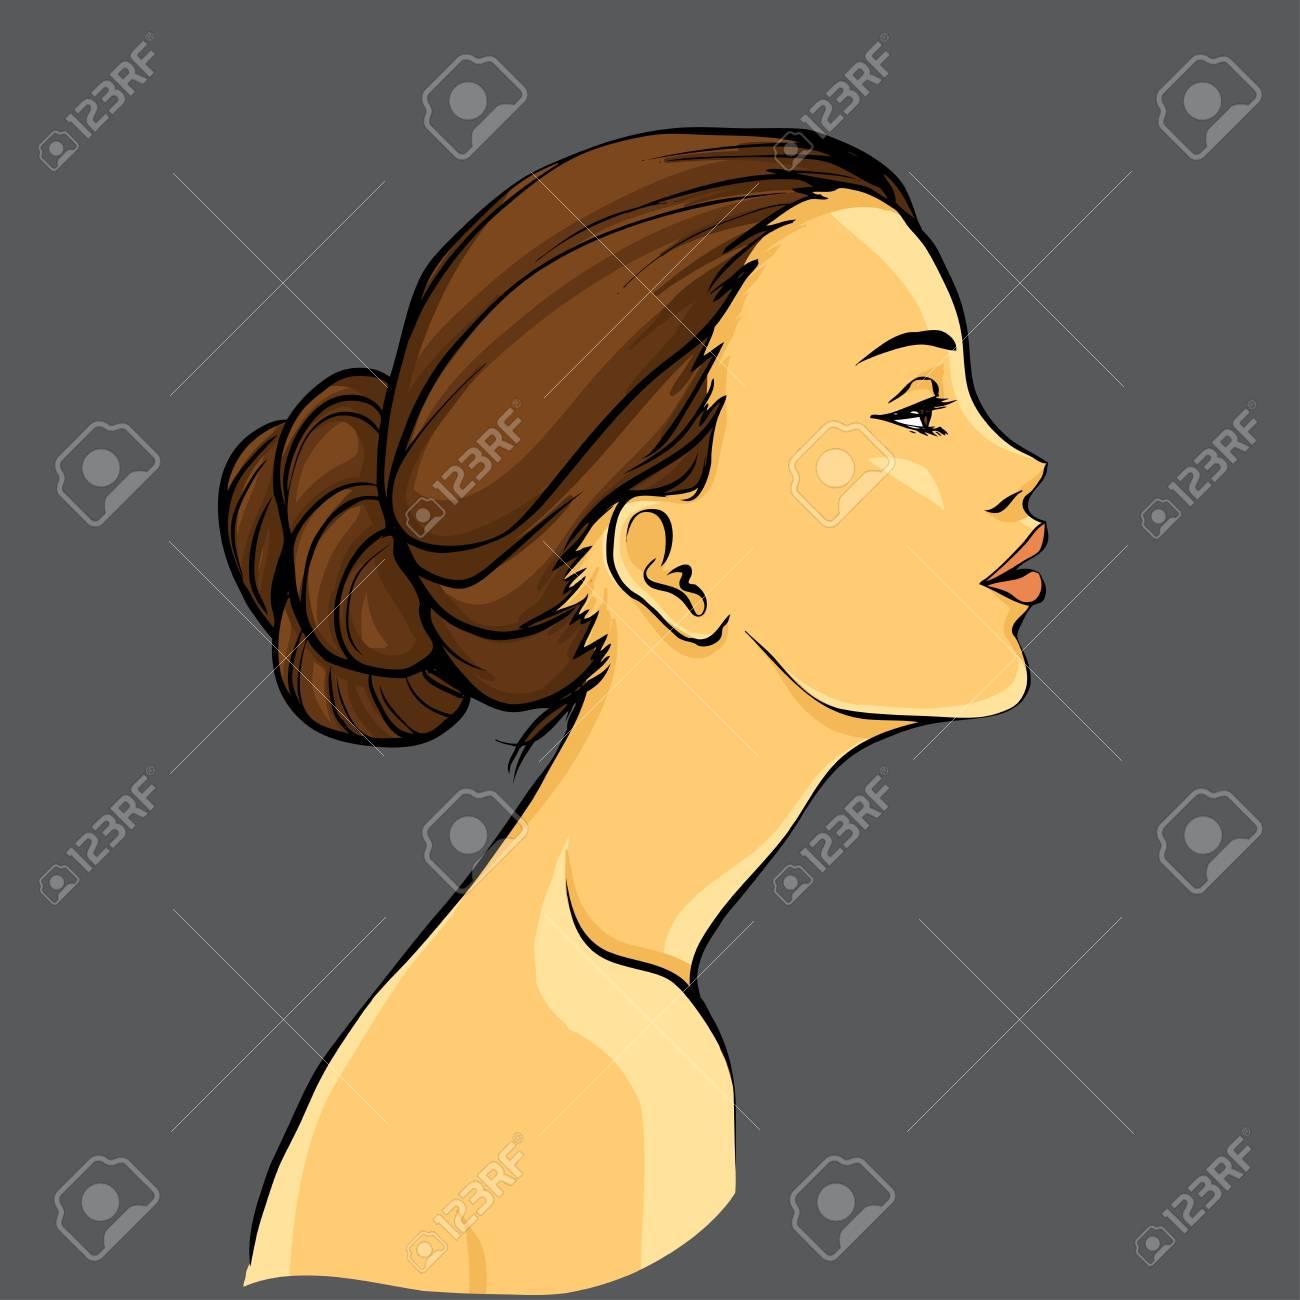 Profil De La Belle Jeune Femme Avec Un Chignon Vecteur De Dessin